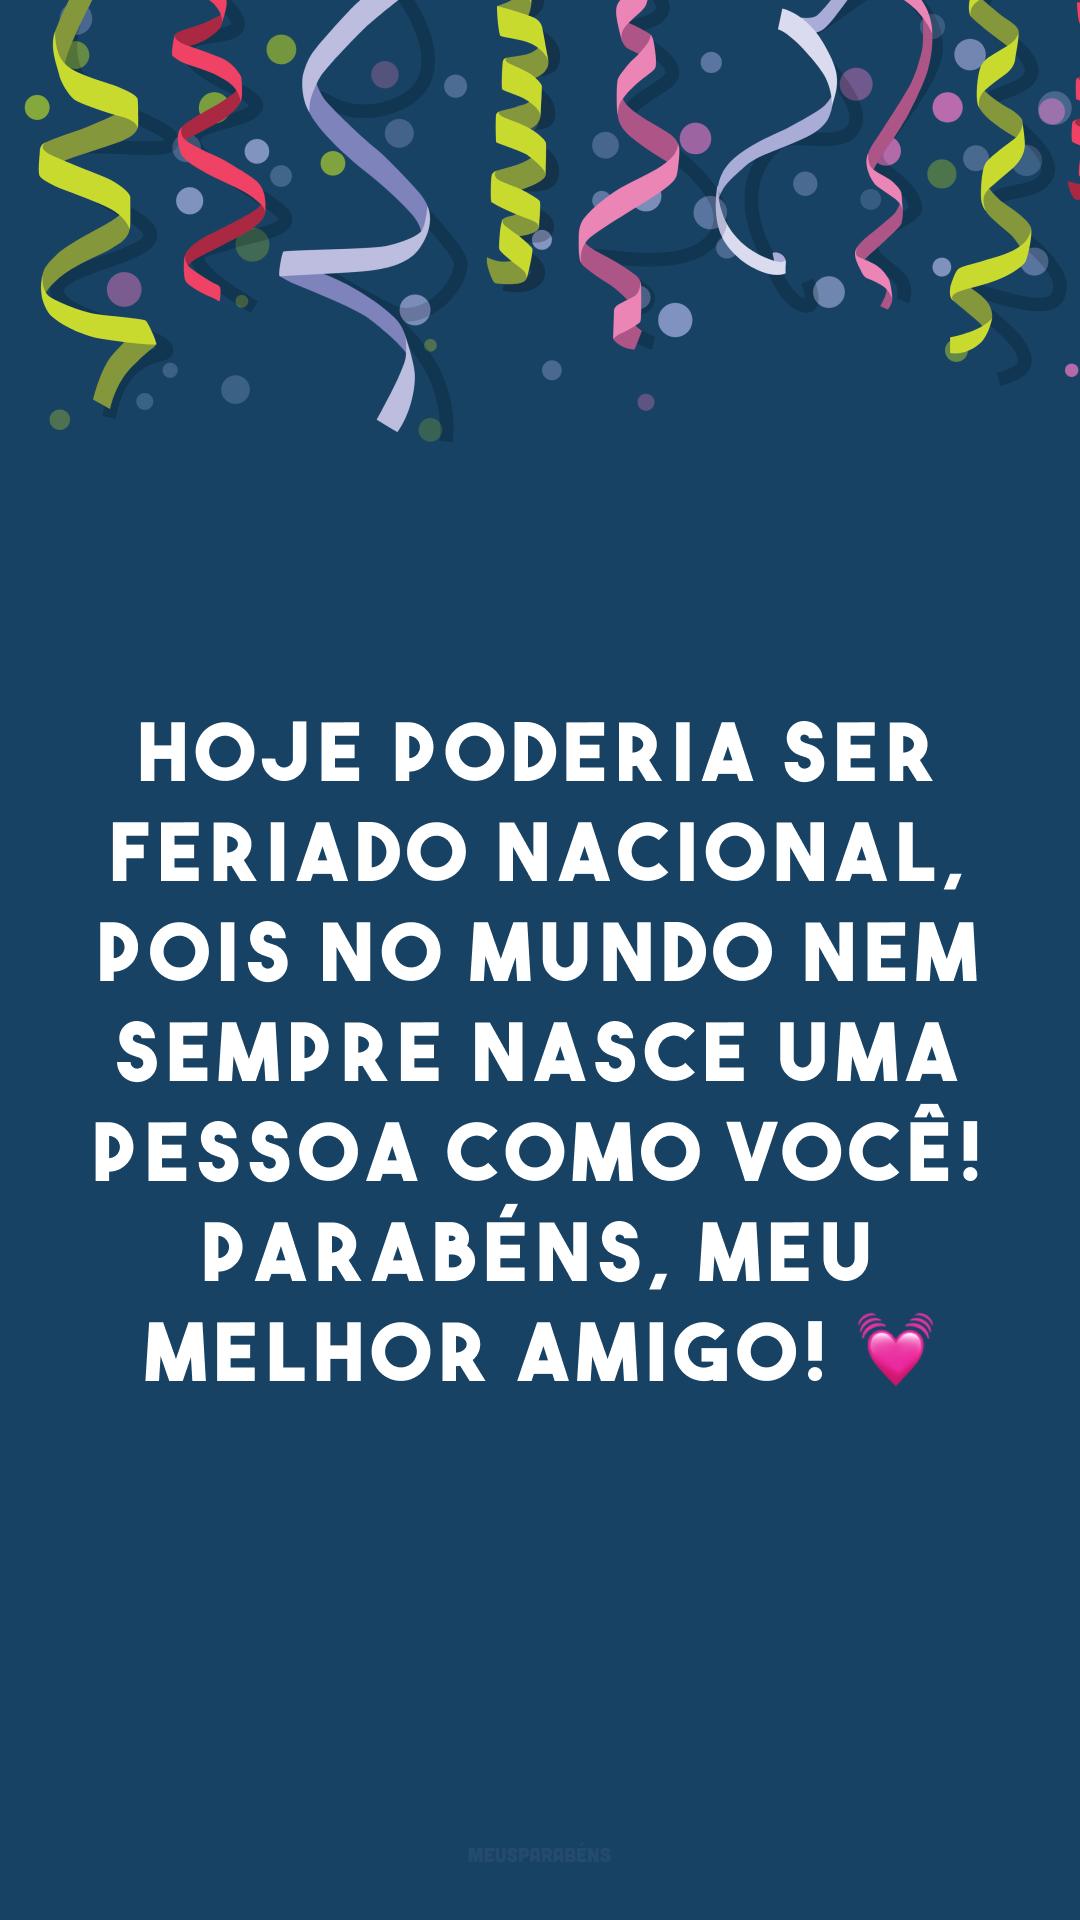 Hoje poderia ser feriado nacional, pois no mundo nem sempre nasce uma pessoa como você! Parabéns, meu melhor amigo! 💓